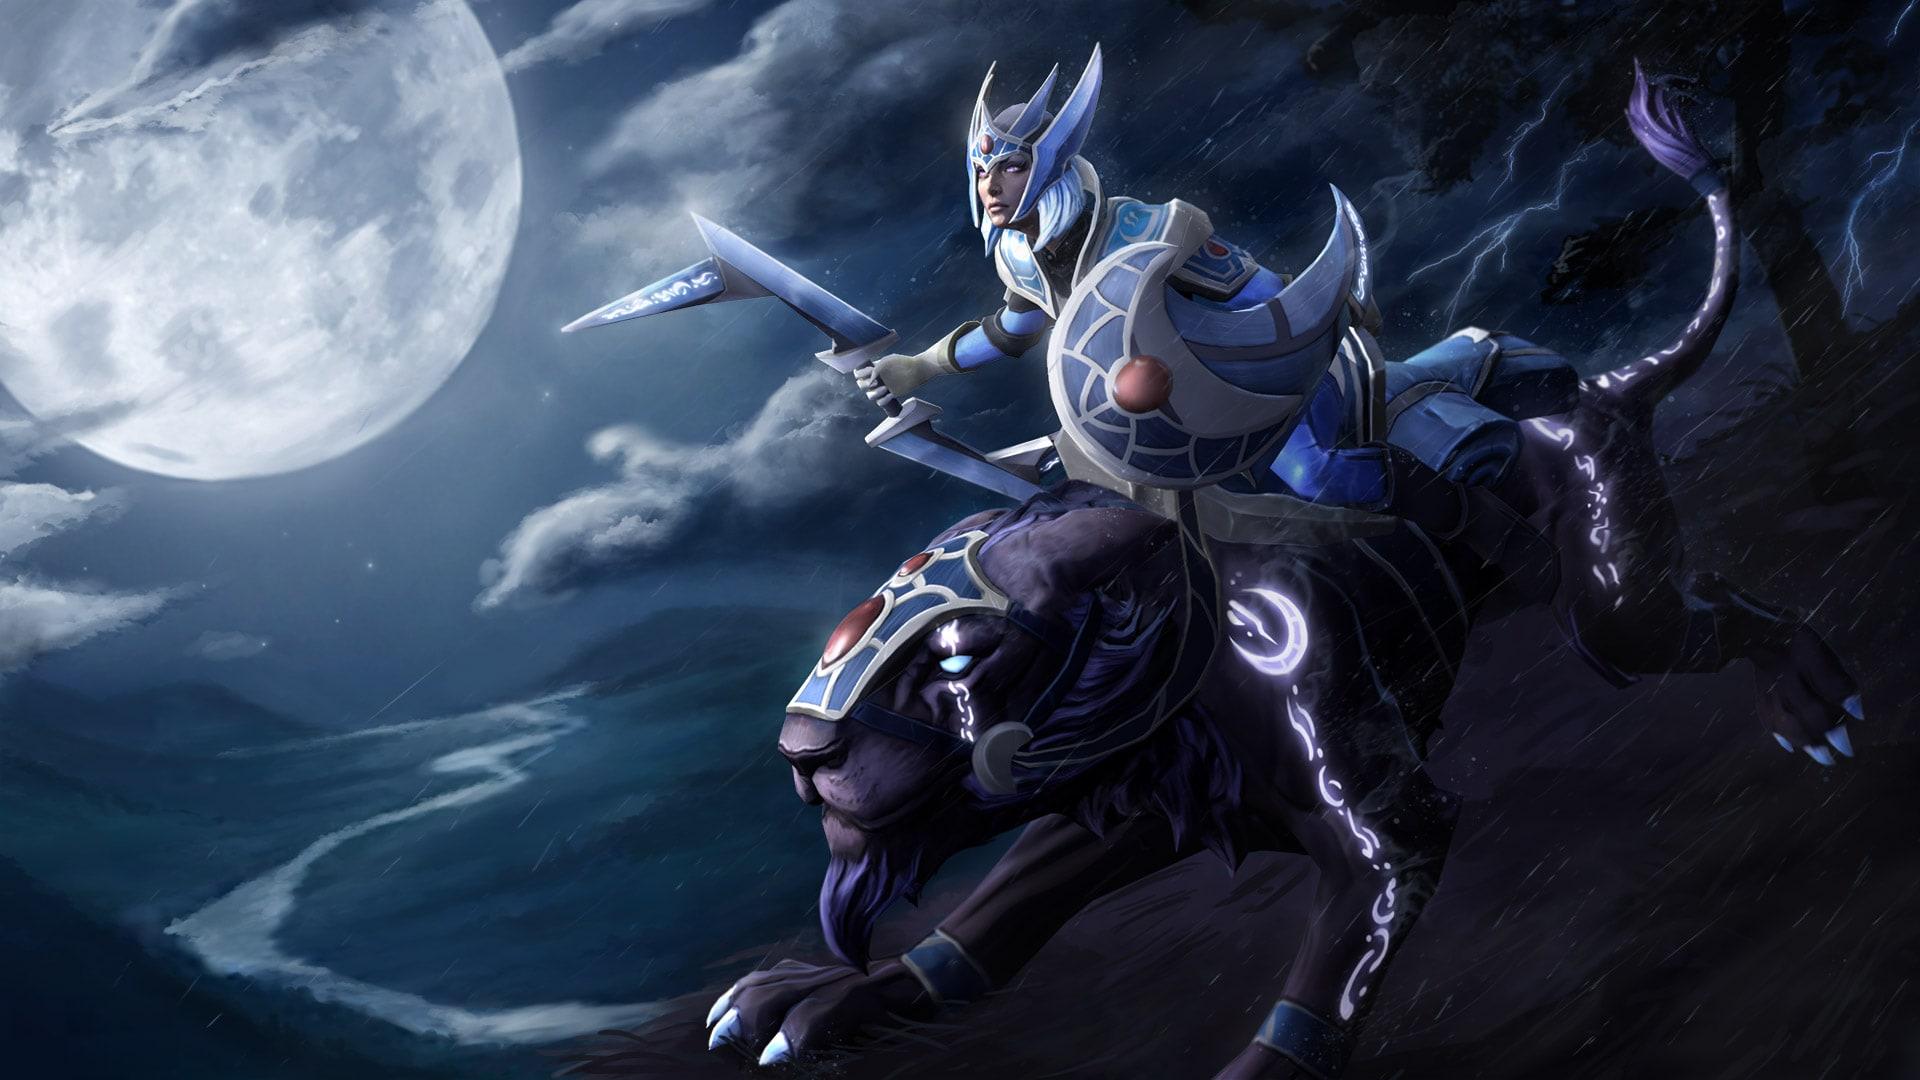 Dota2 : Luna Background